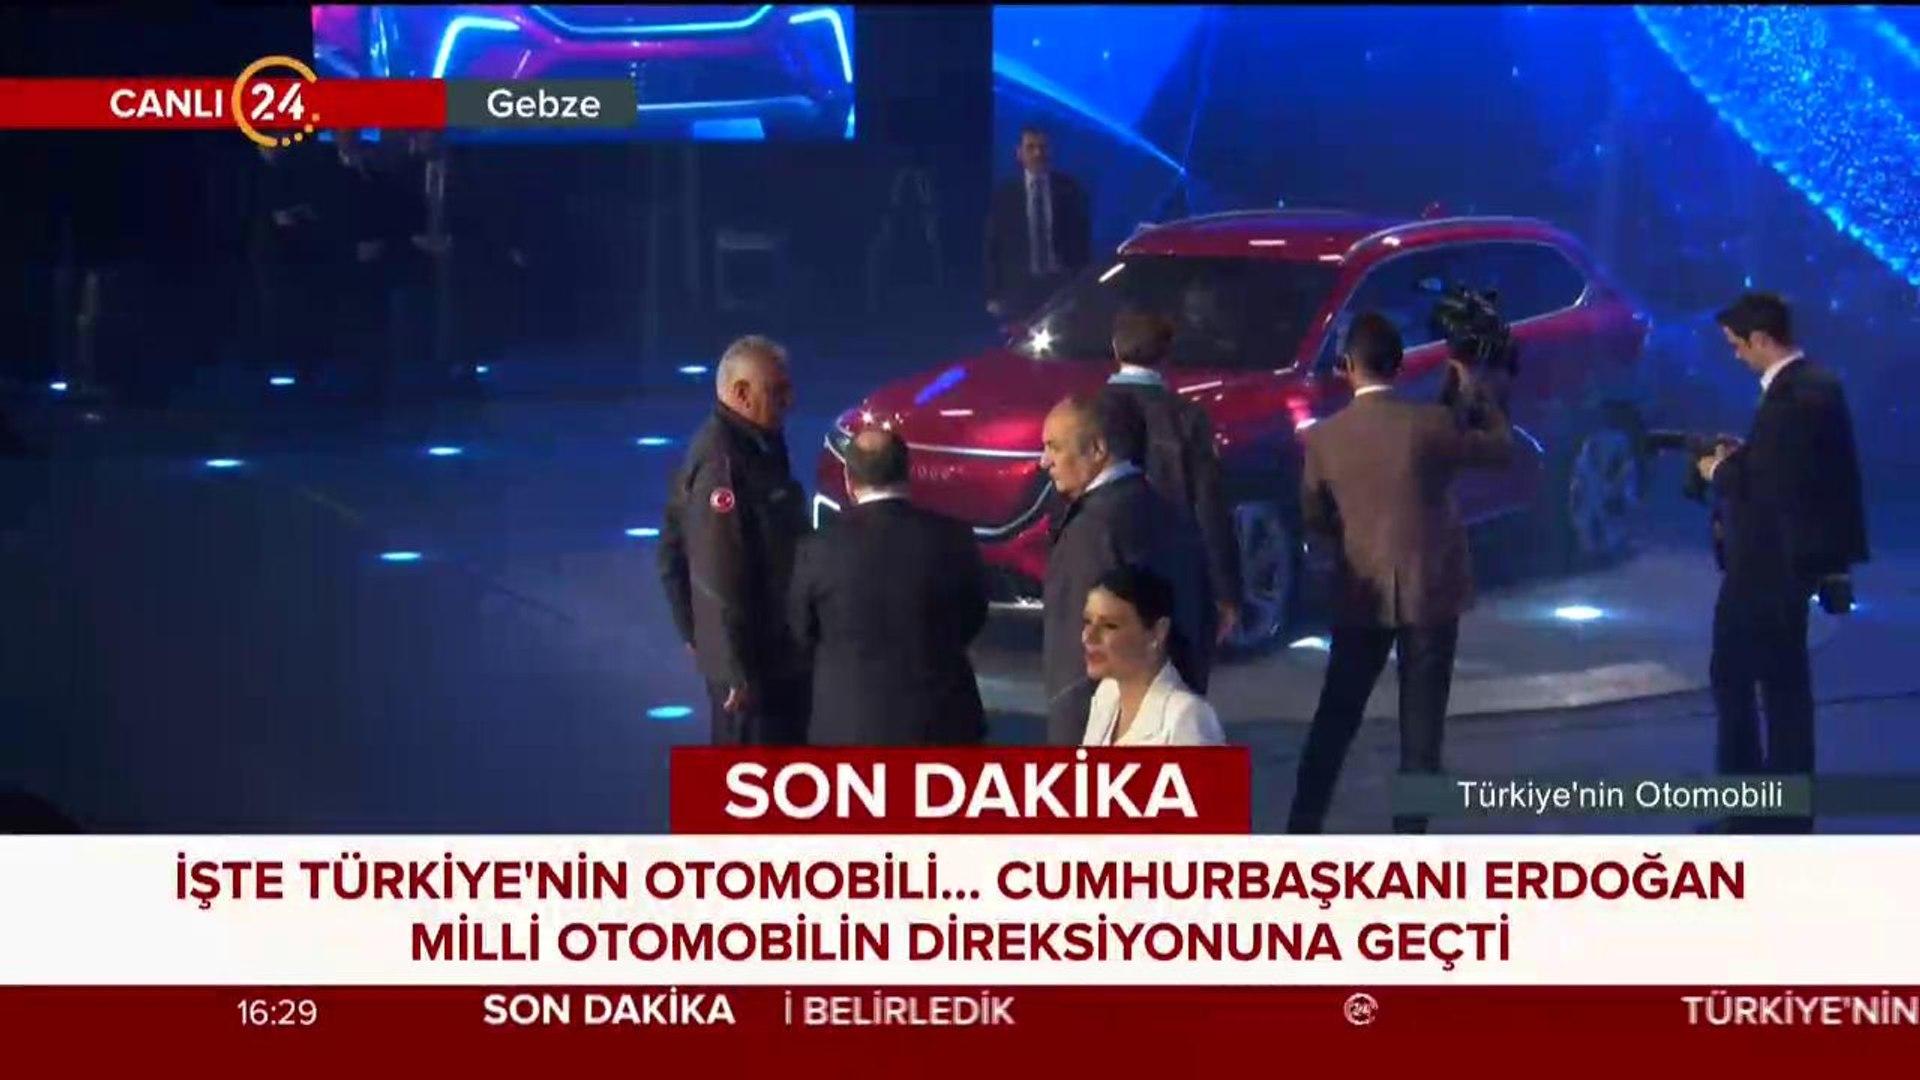 #CANLI Türkiye'nin yerli otomobili görücüye çıktı